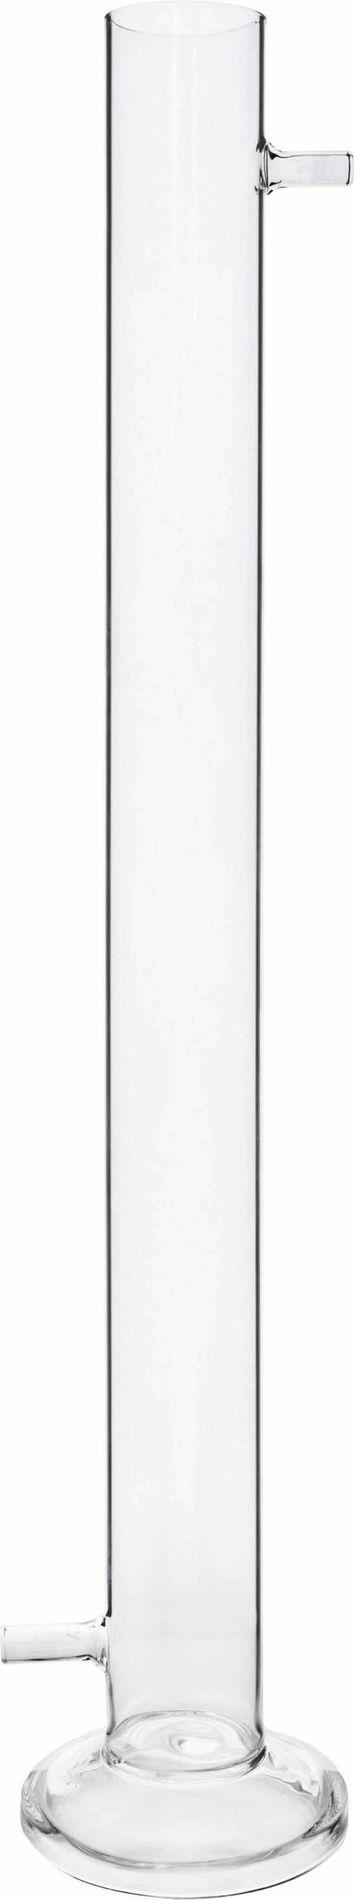 Filtrační kolona